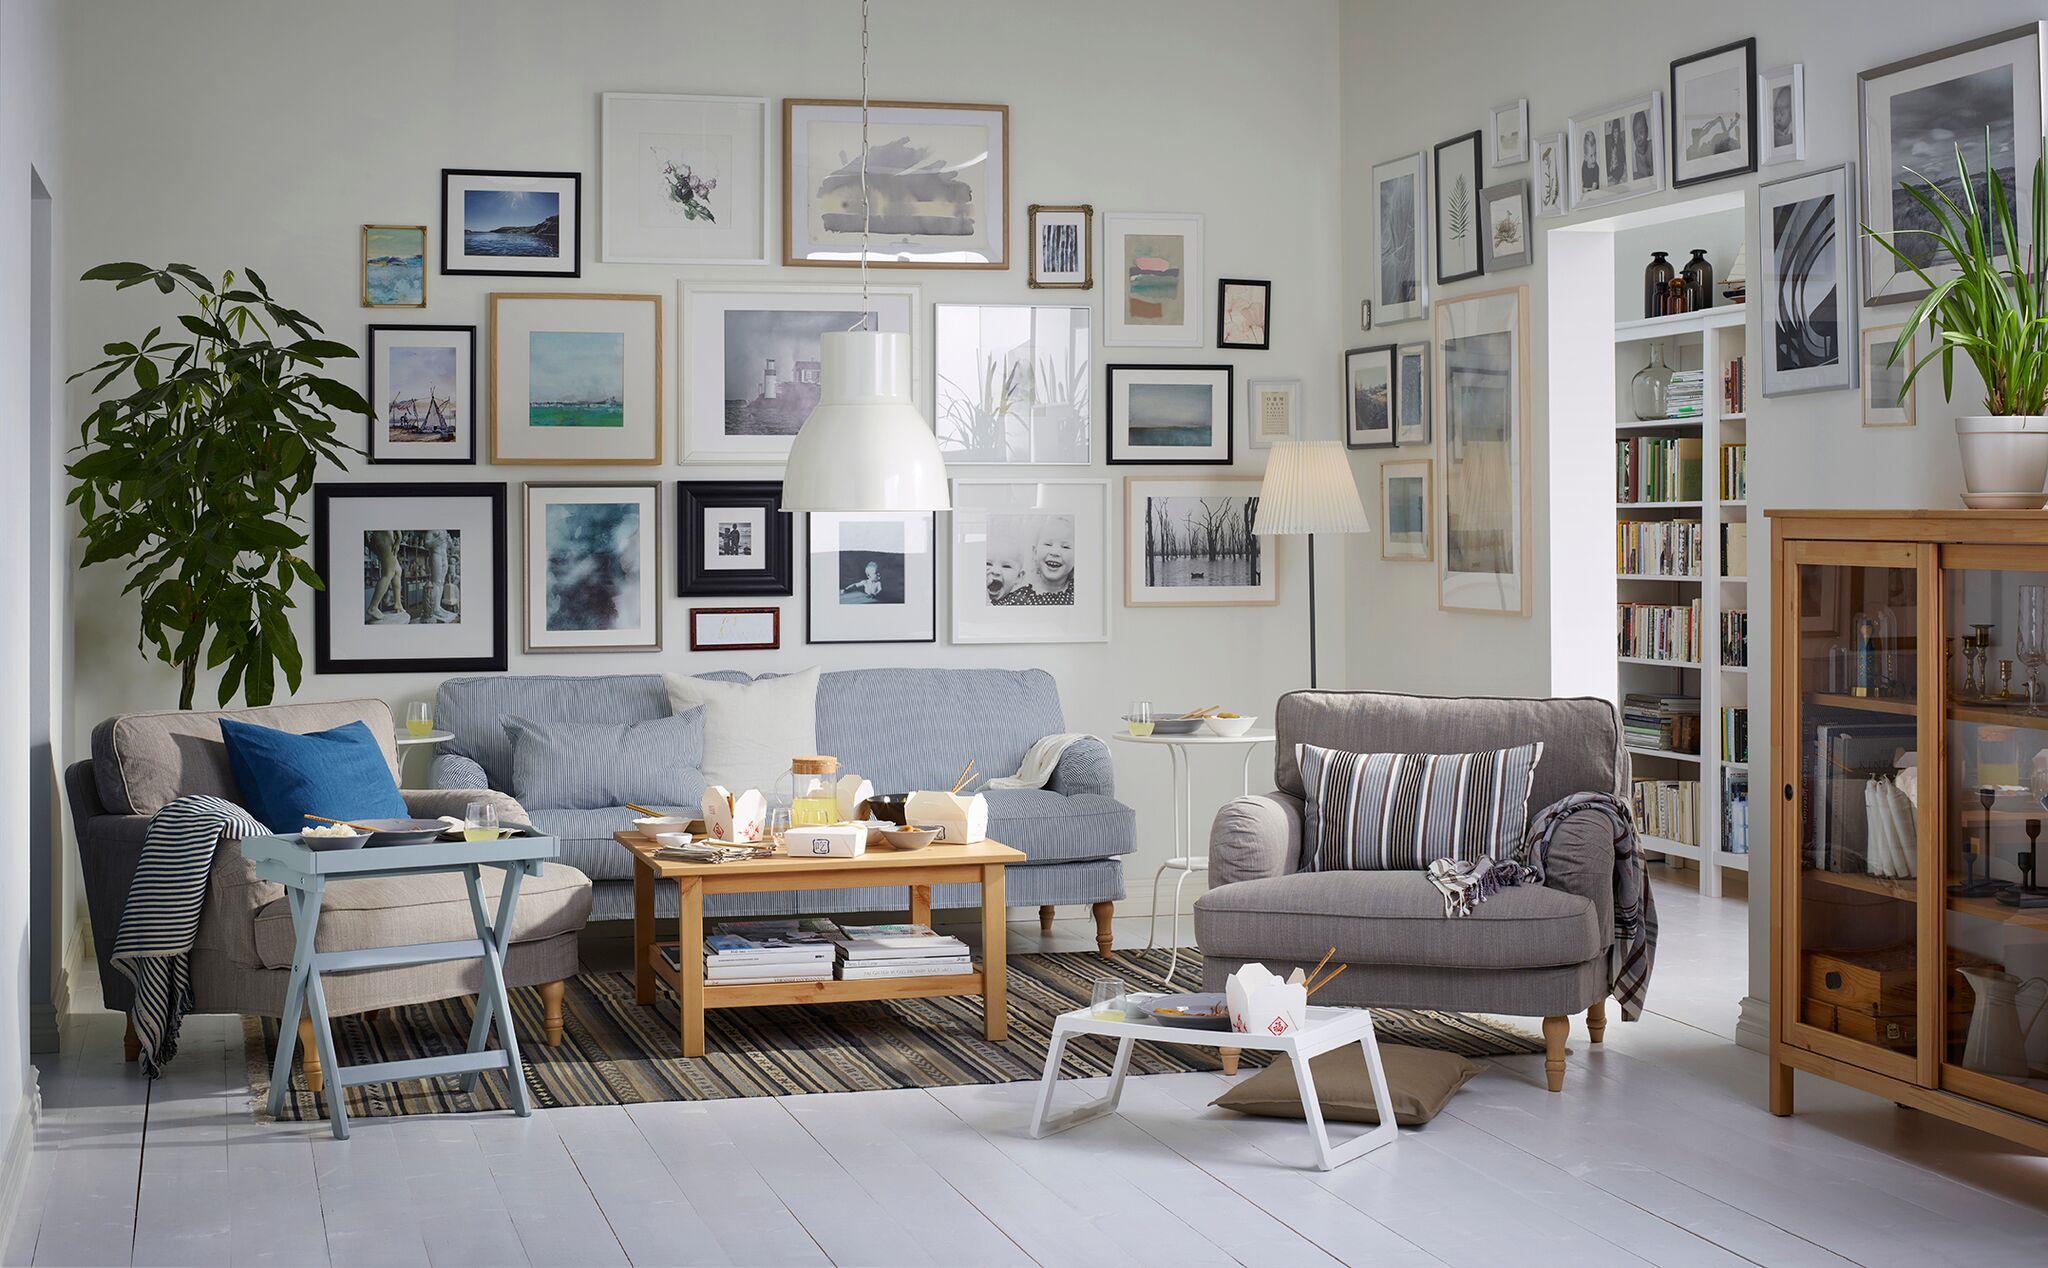 se presentan muebles tiles sencillos y que llenan de amplitud espacios pequeos ganando en almacenaje y